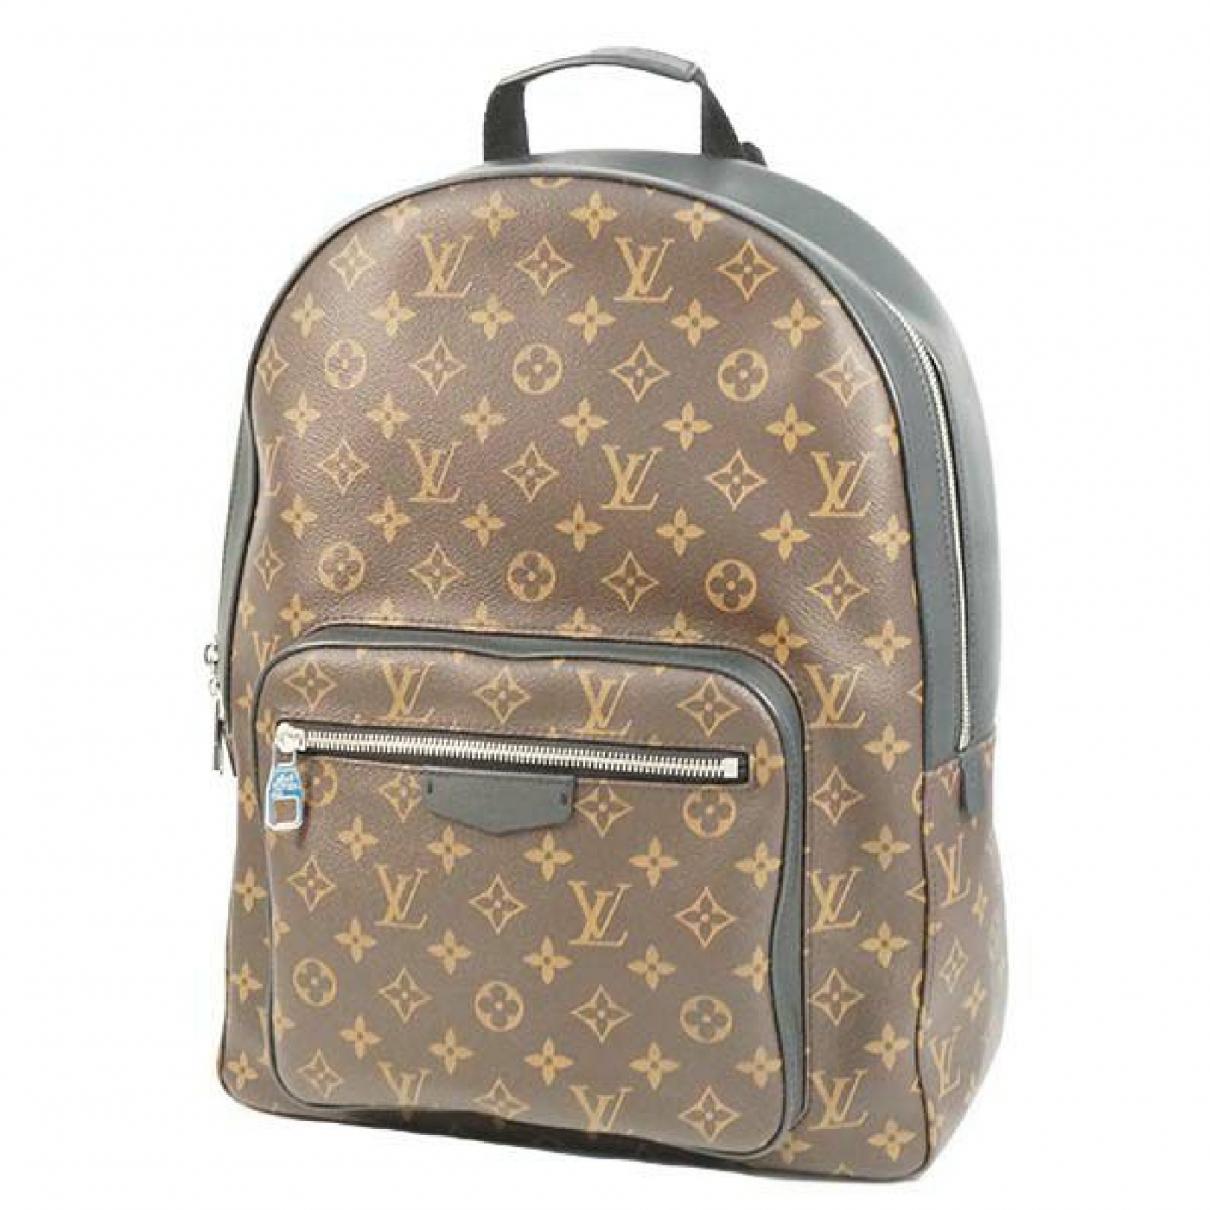 Louis Vuitton - Sac a dos   pour femme en cuir - marron